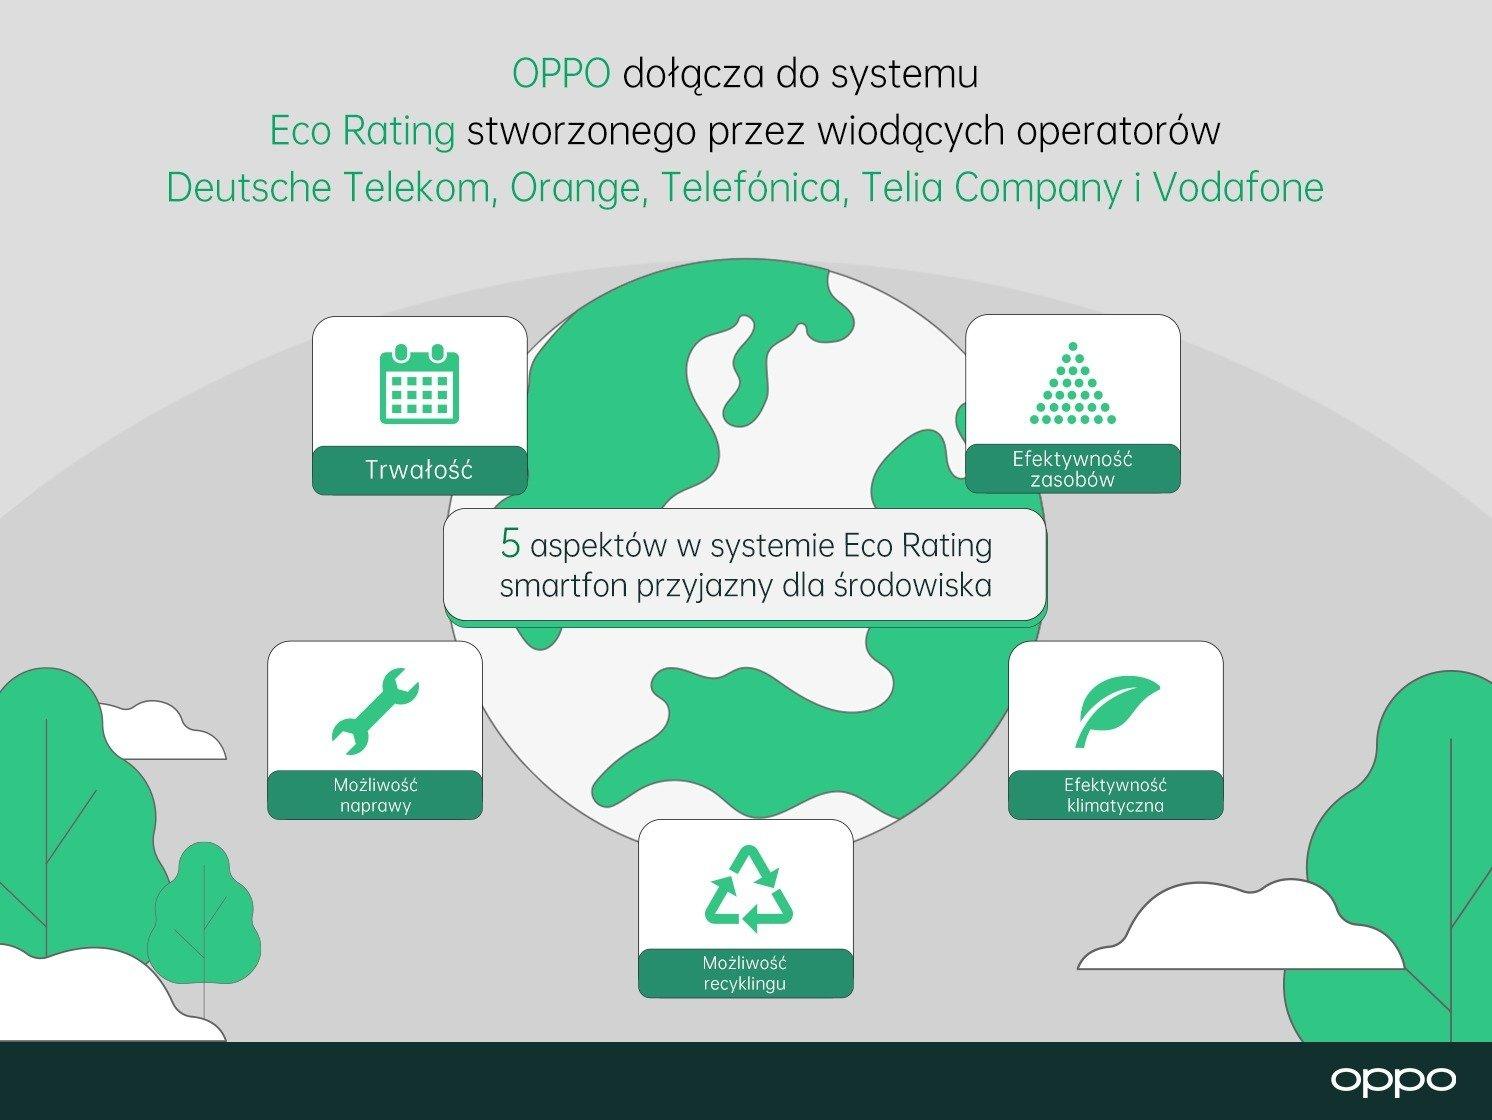 Eco Rating – OPPO zostało partnerem systemu ekologicznego znakowania smartfonów